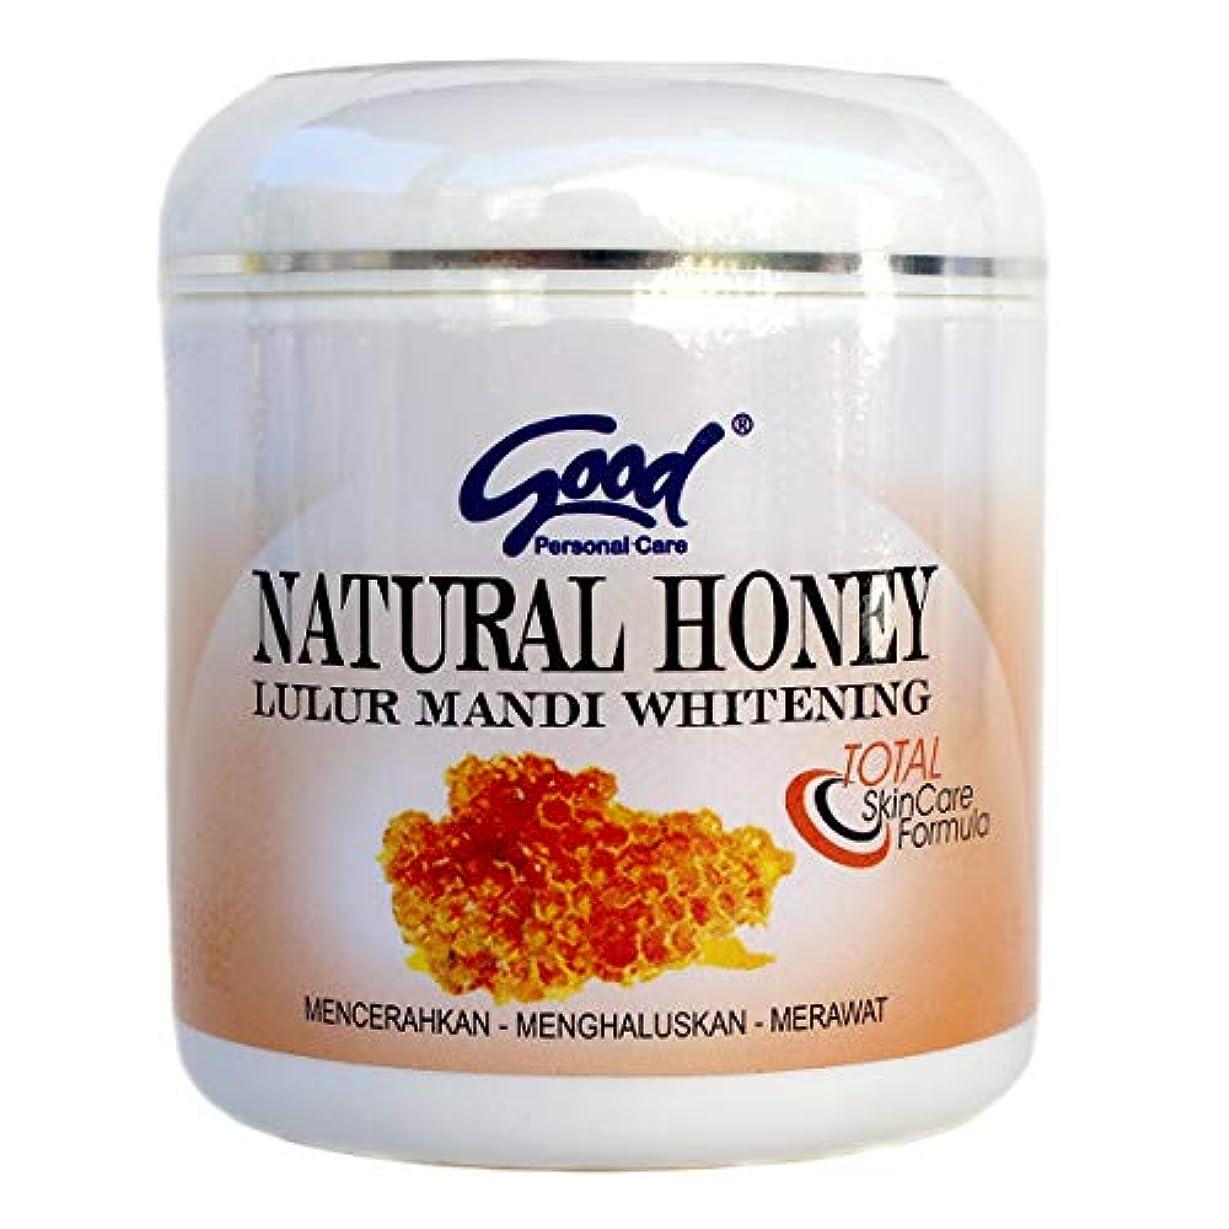 有益ダウンタウン承知しましたgood グッド インドネシアバリ島の伝統的なボディスクラブ Lulur Mandi マンディルルール 200g Natural Honey ナチュラルハニー [海外直送品]